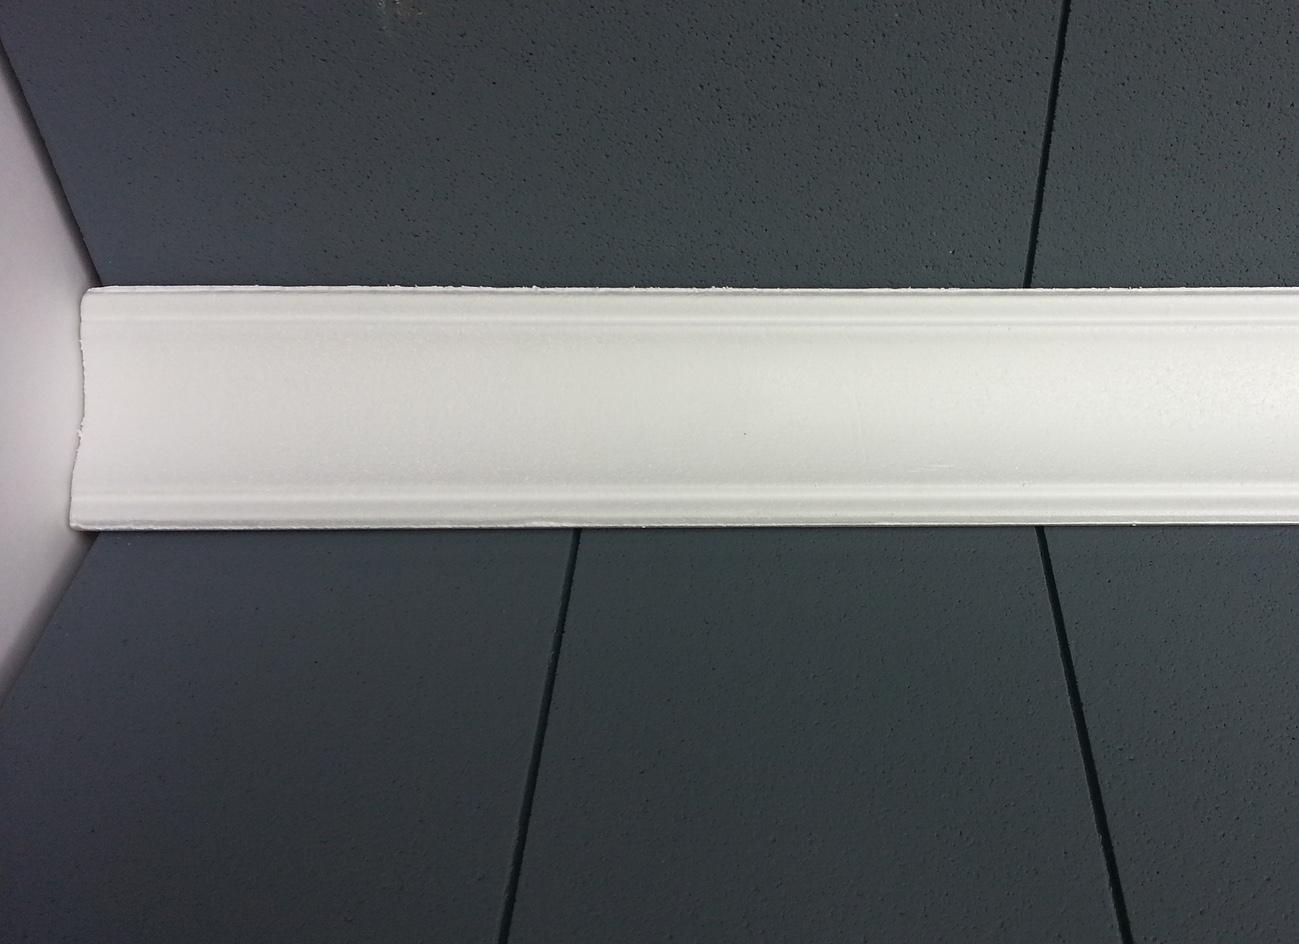 Profilo 7 - Profilo in polistirene stampato bianco